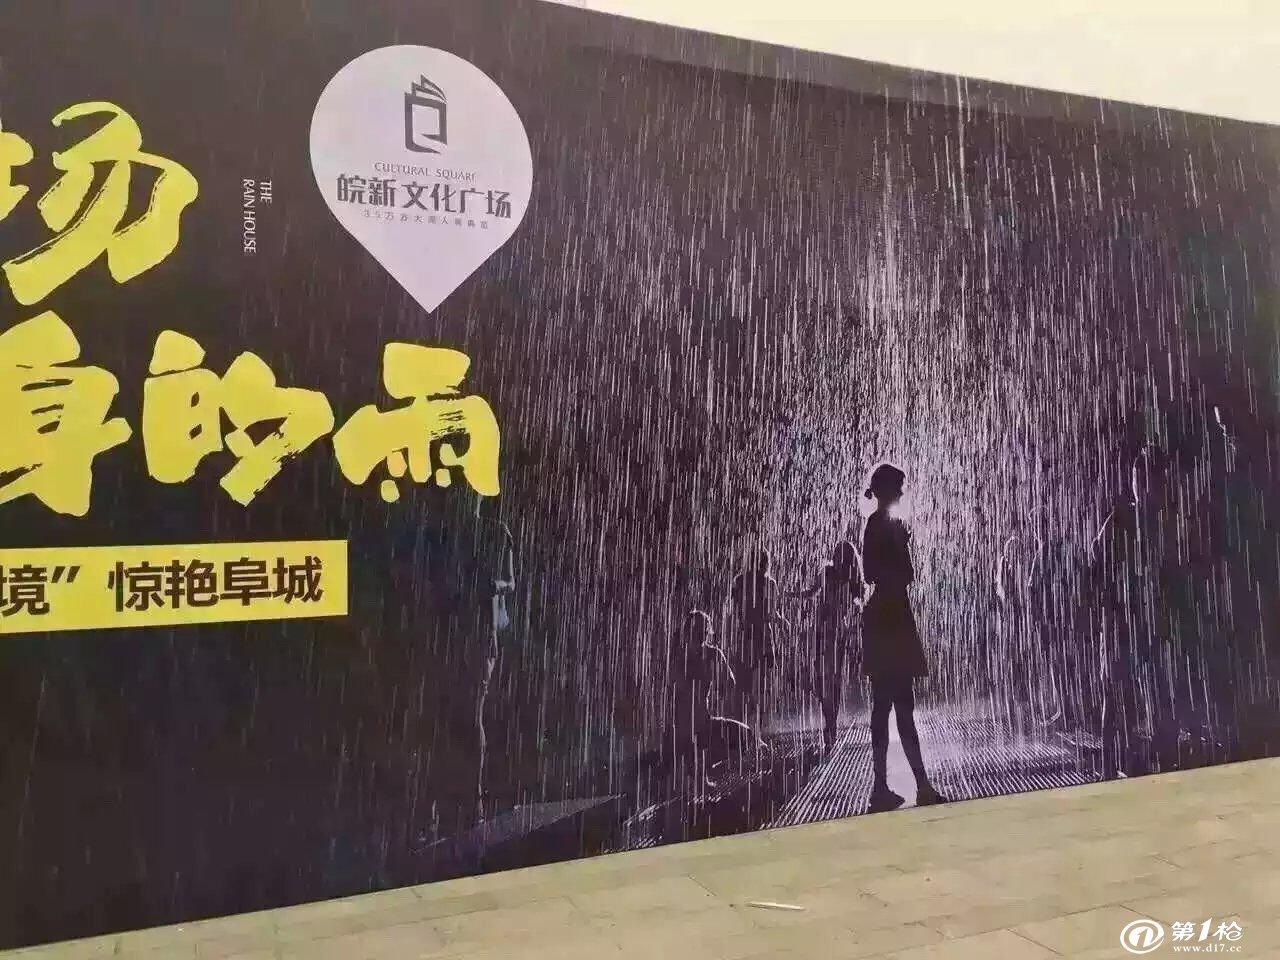 屋出租_活动雨屋设备出租出售